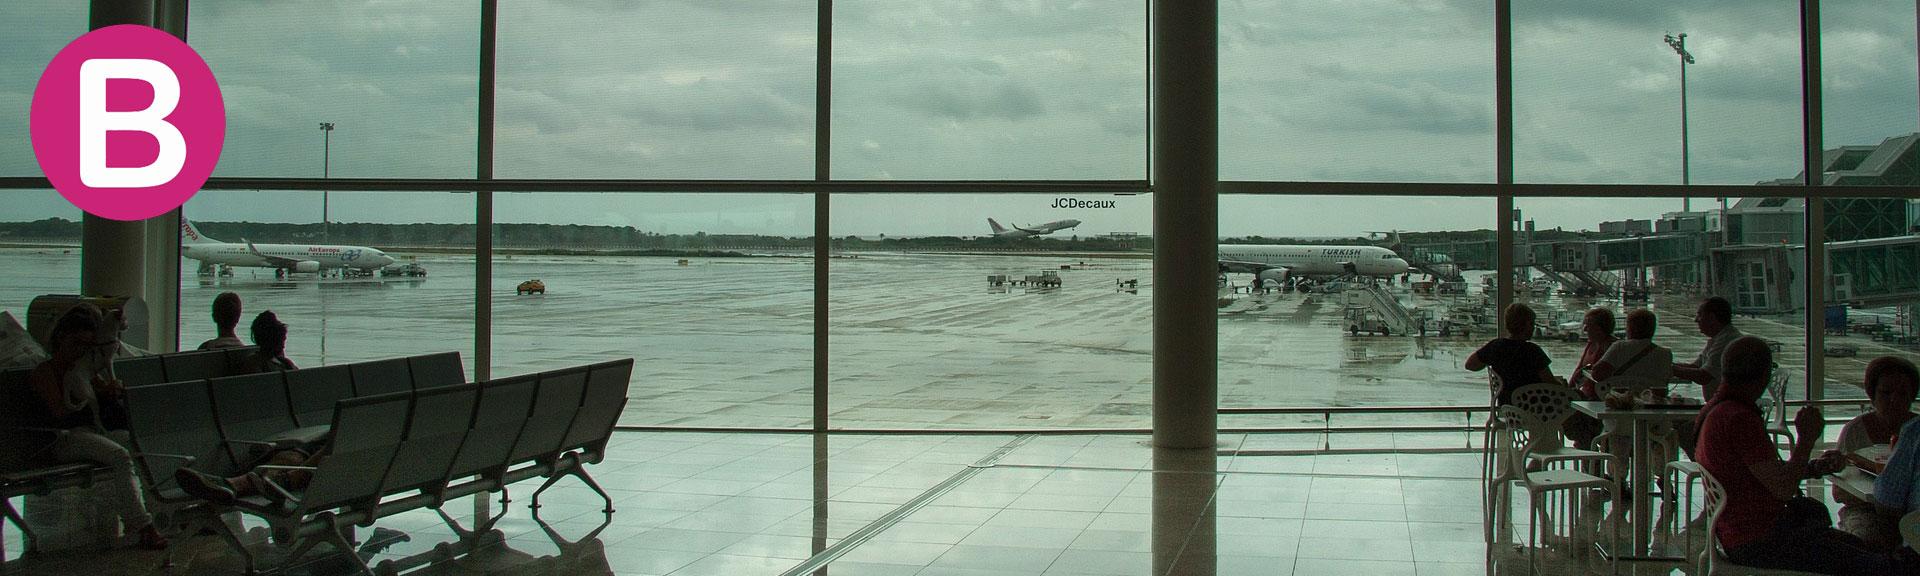 Recogida Taxi en el aeropuerto de Barcelona